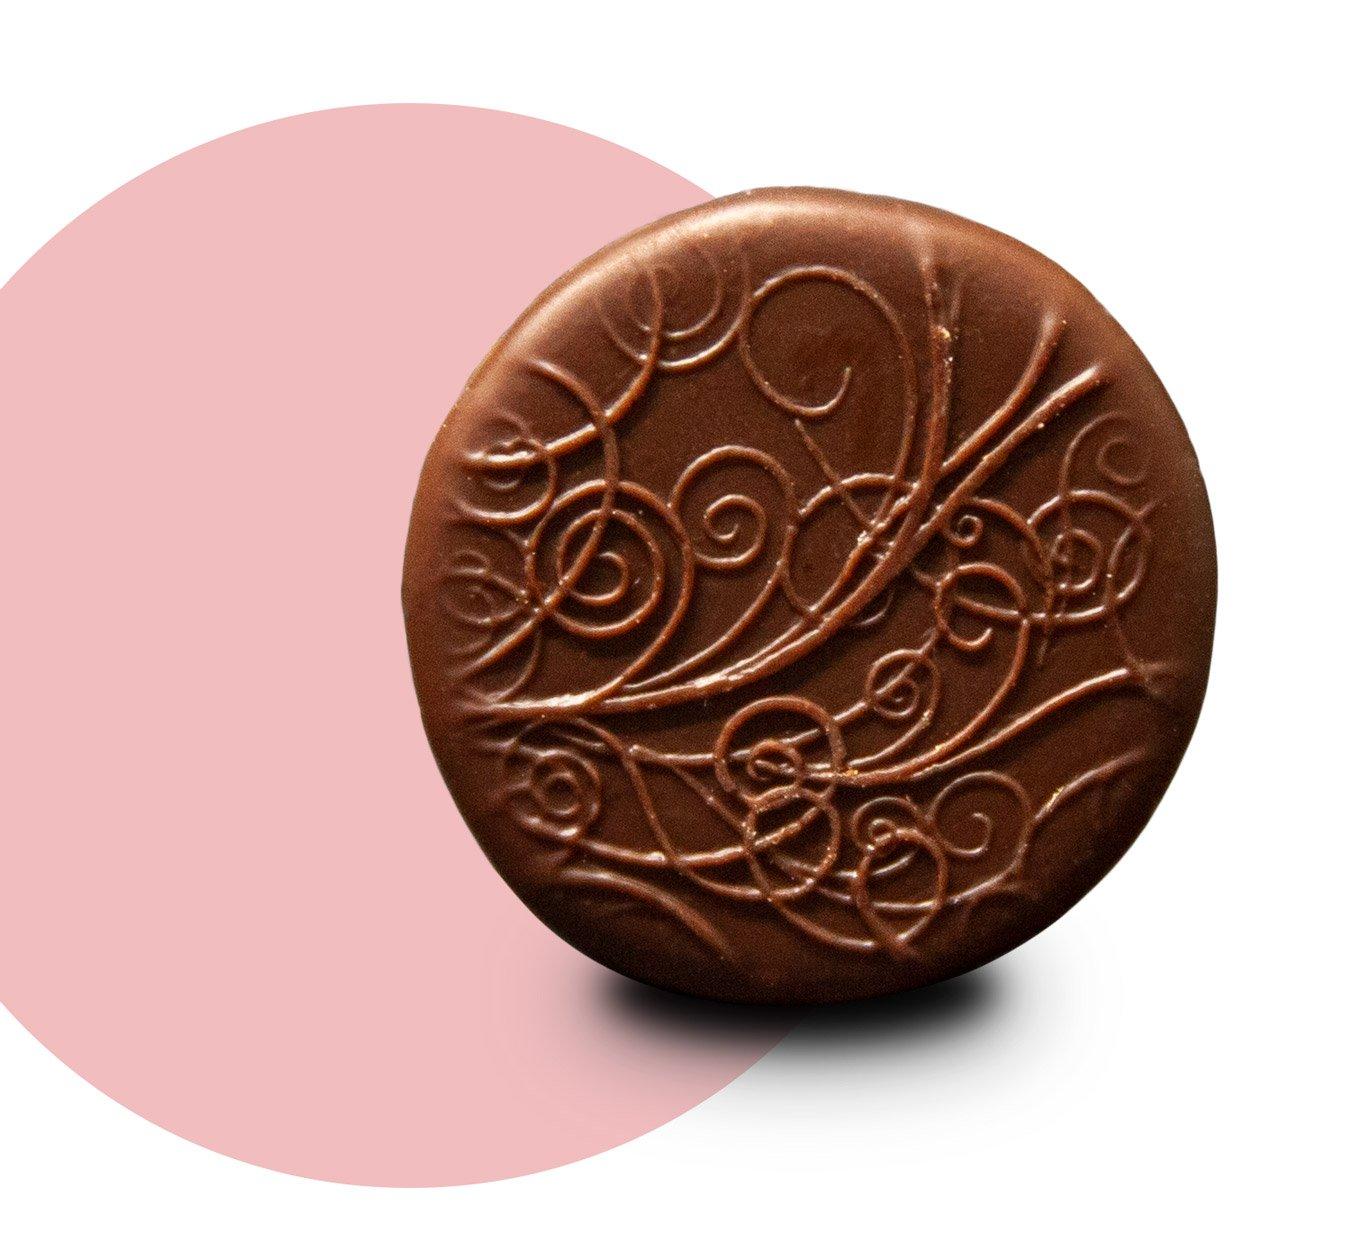 cioccolateria cioccolatino decorazione